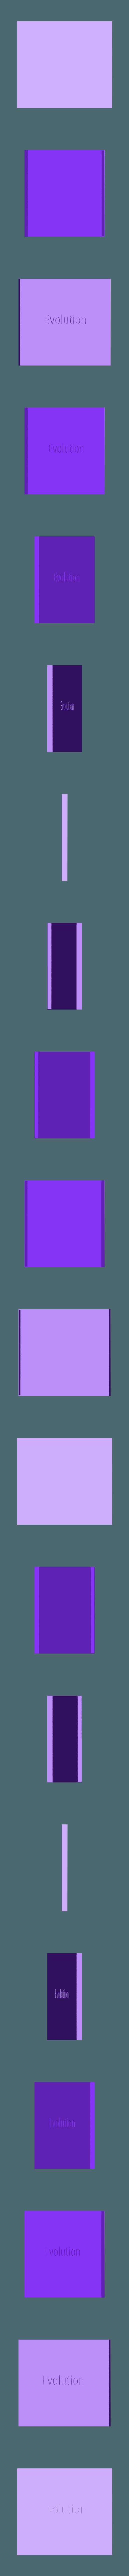 Evolution_Case_Lid.stl Télécharger fichier STL gratuit L'évolution : Le commencement • Design pour imprimante 3D, Hardcore3D